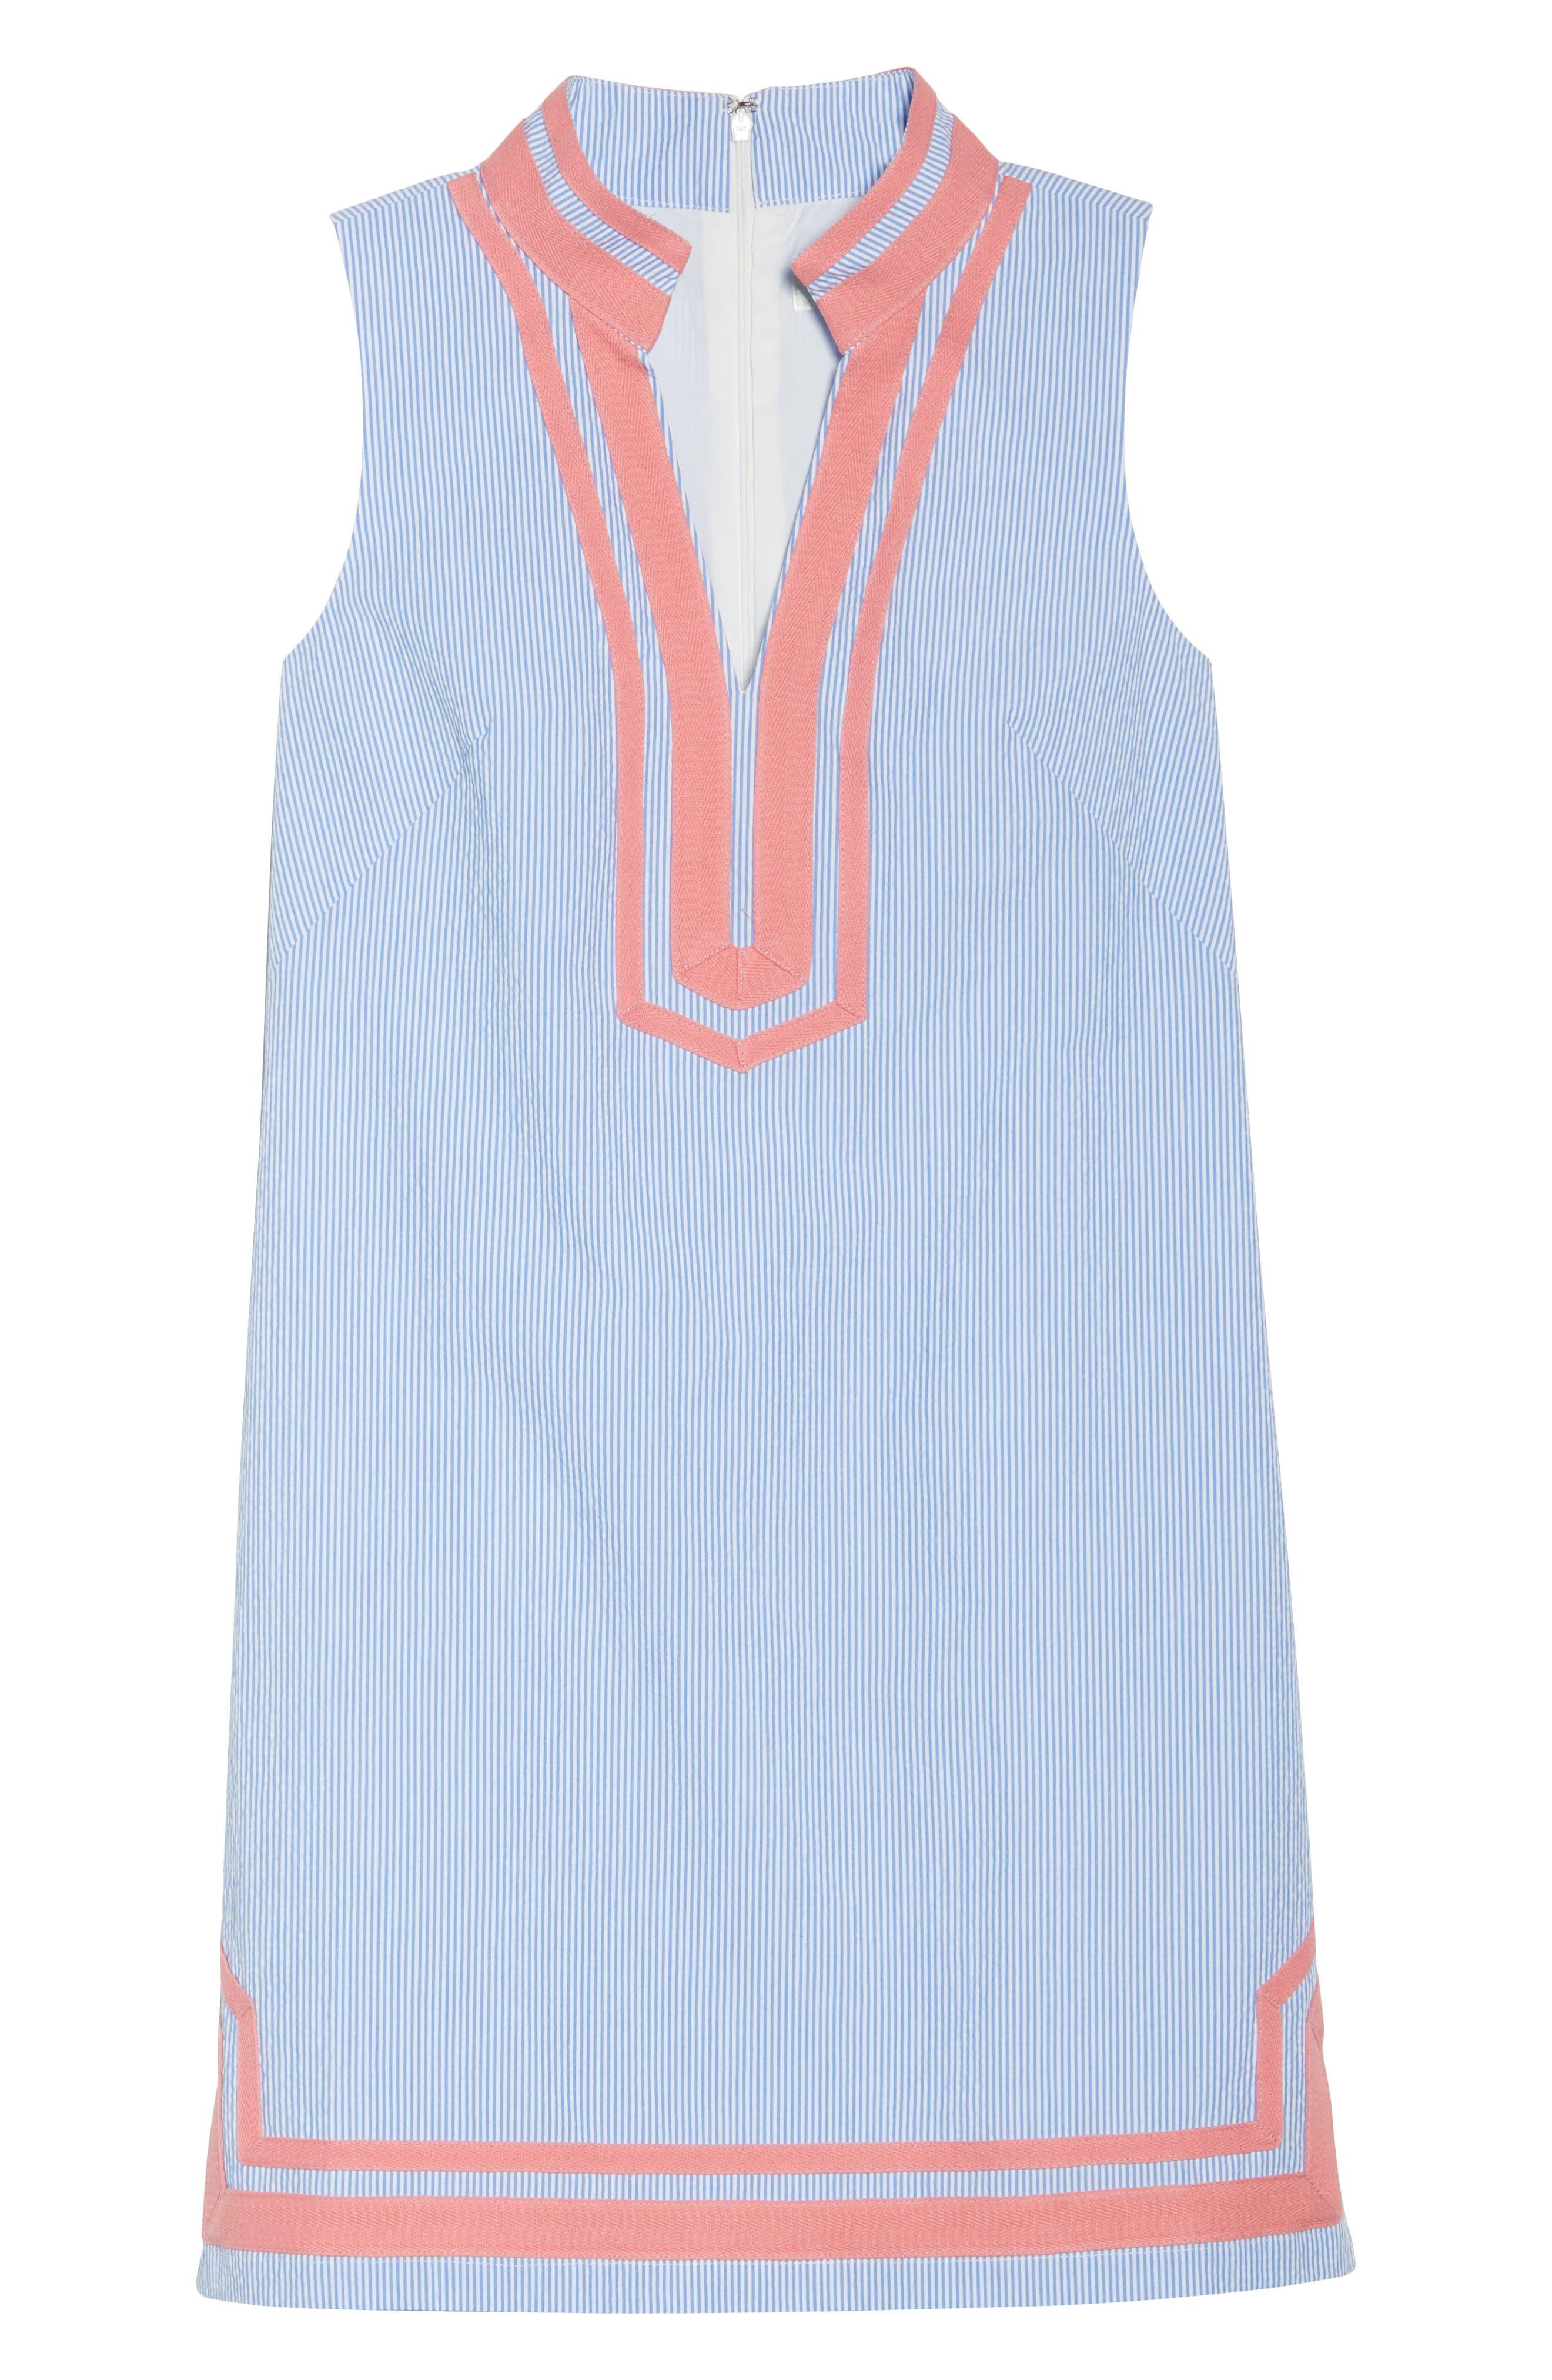 Stripe Sleeveless Shift Dress,                             Alternate thumbnail 7, color,                             Orange Sky